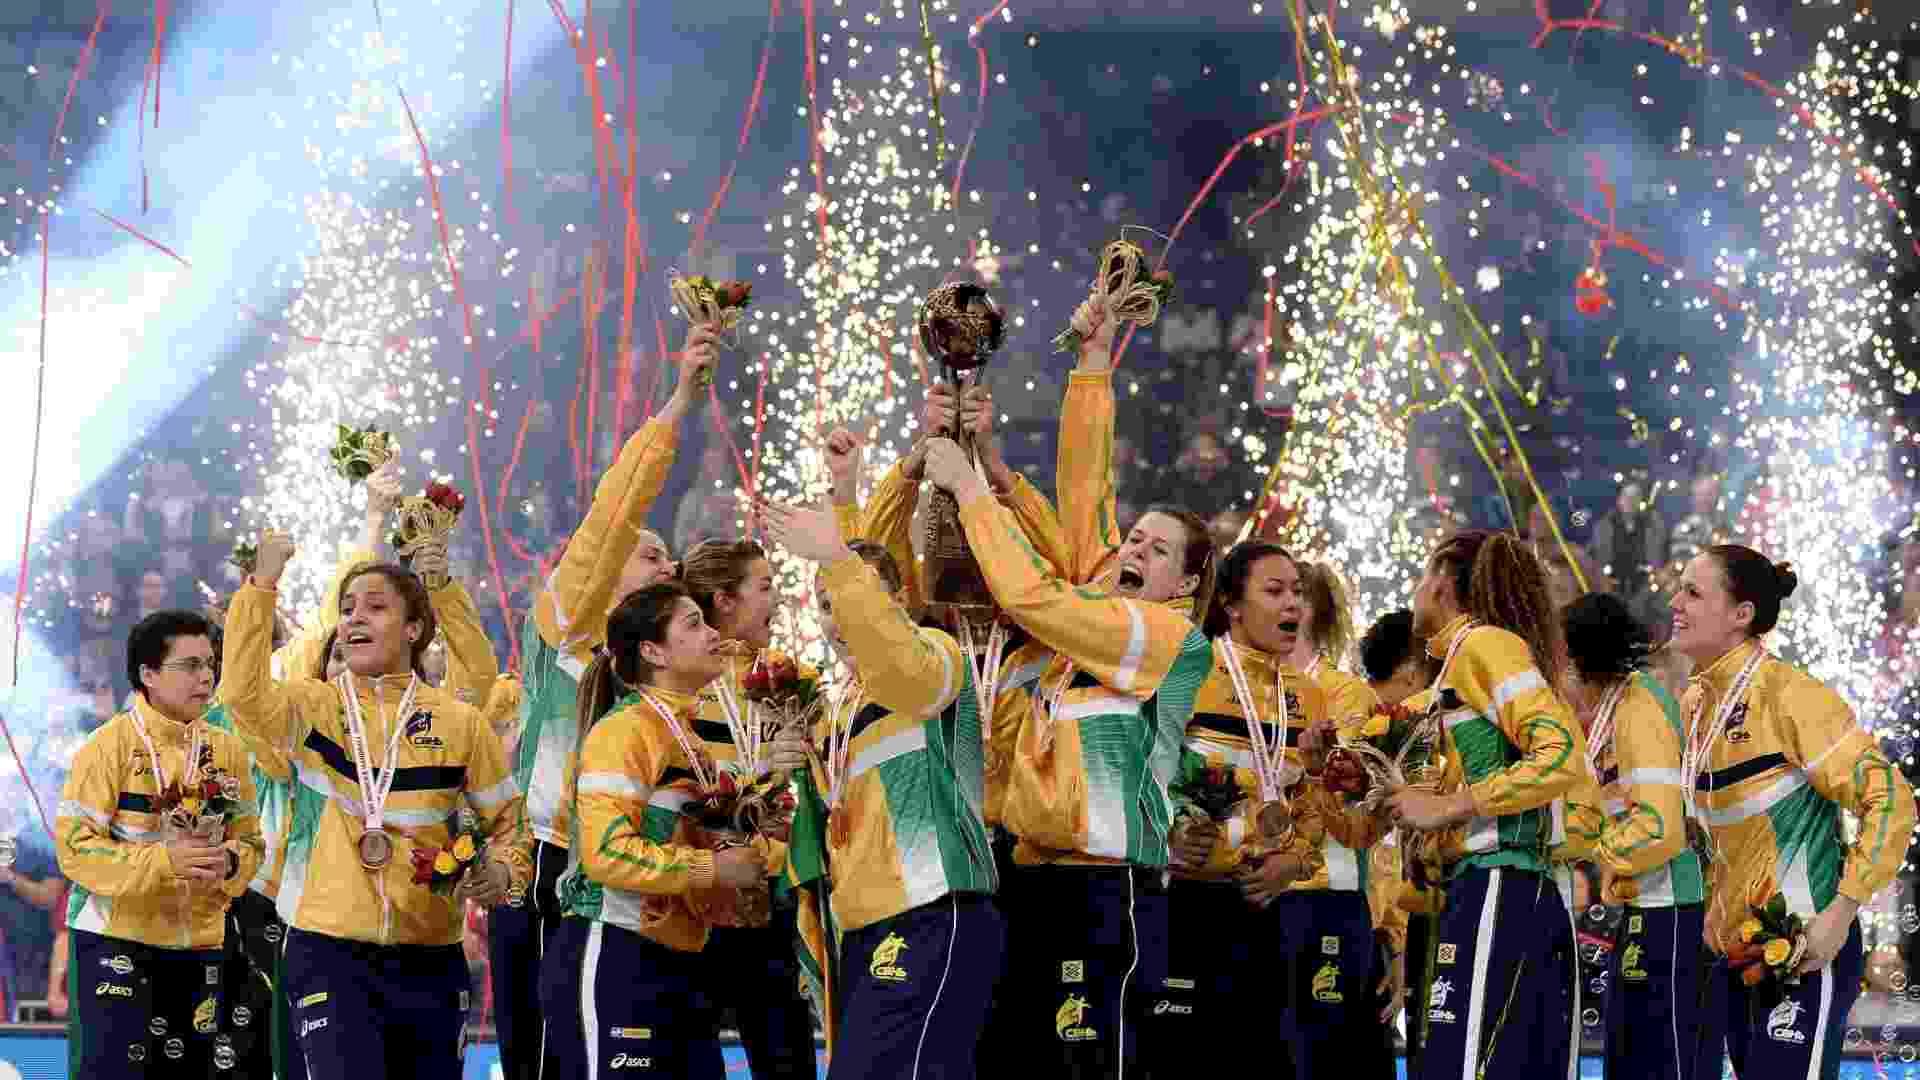 22.dez.2013 - Jogadoras do Brasil comemoram título mundial inédito já com o troféu conquistado ao bater as donas da casa por 22 a 20, na Sérvia - EFE/EPA/GEORGI LICOVSKI